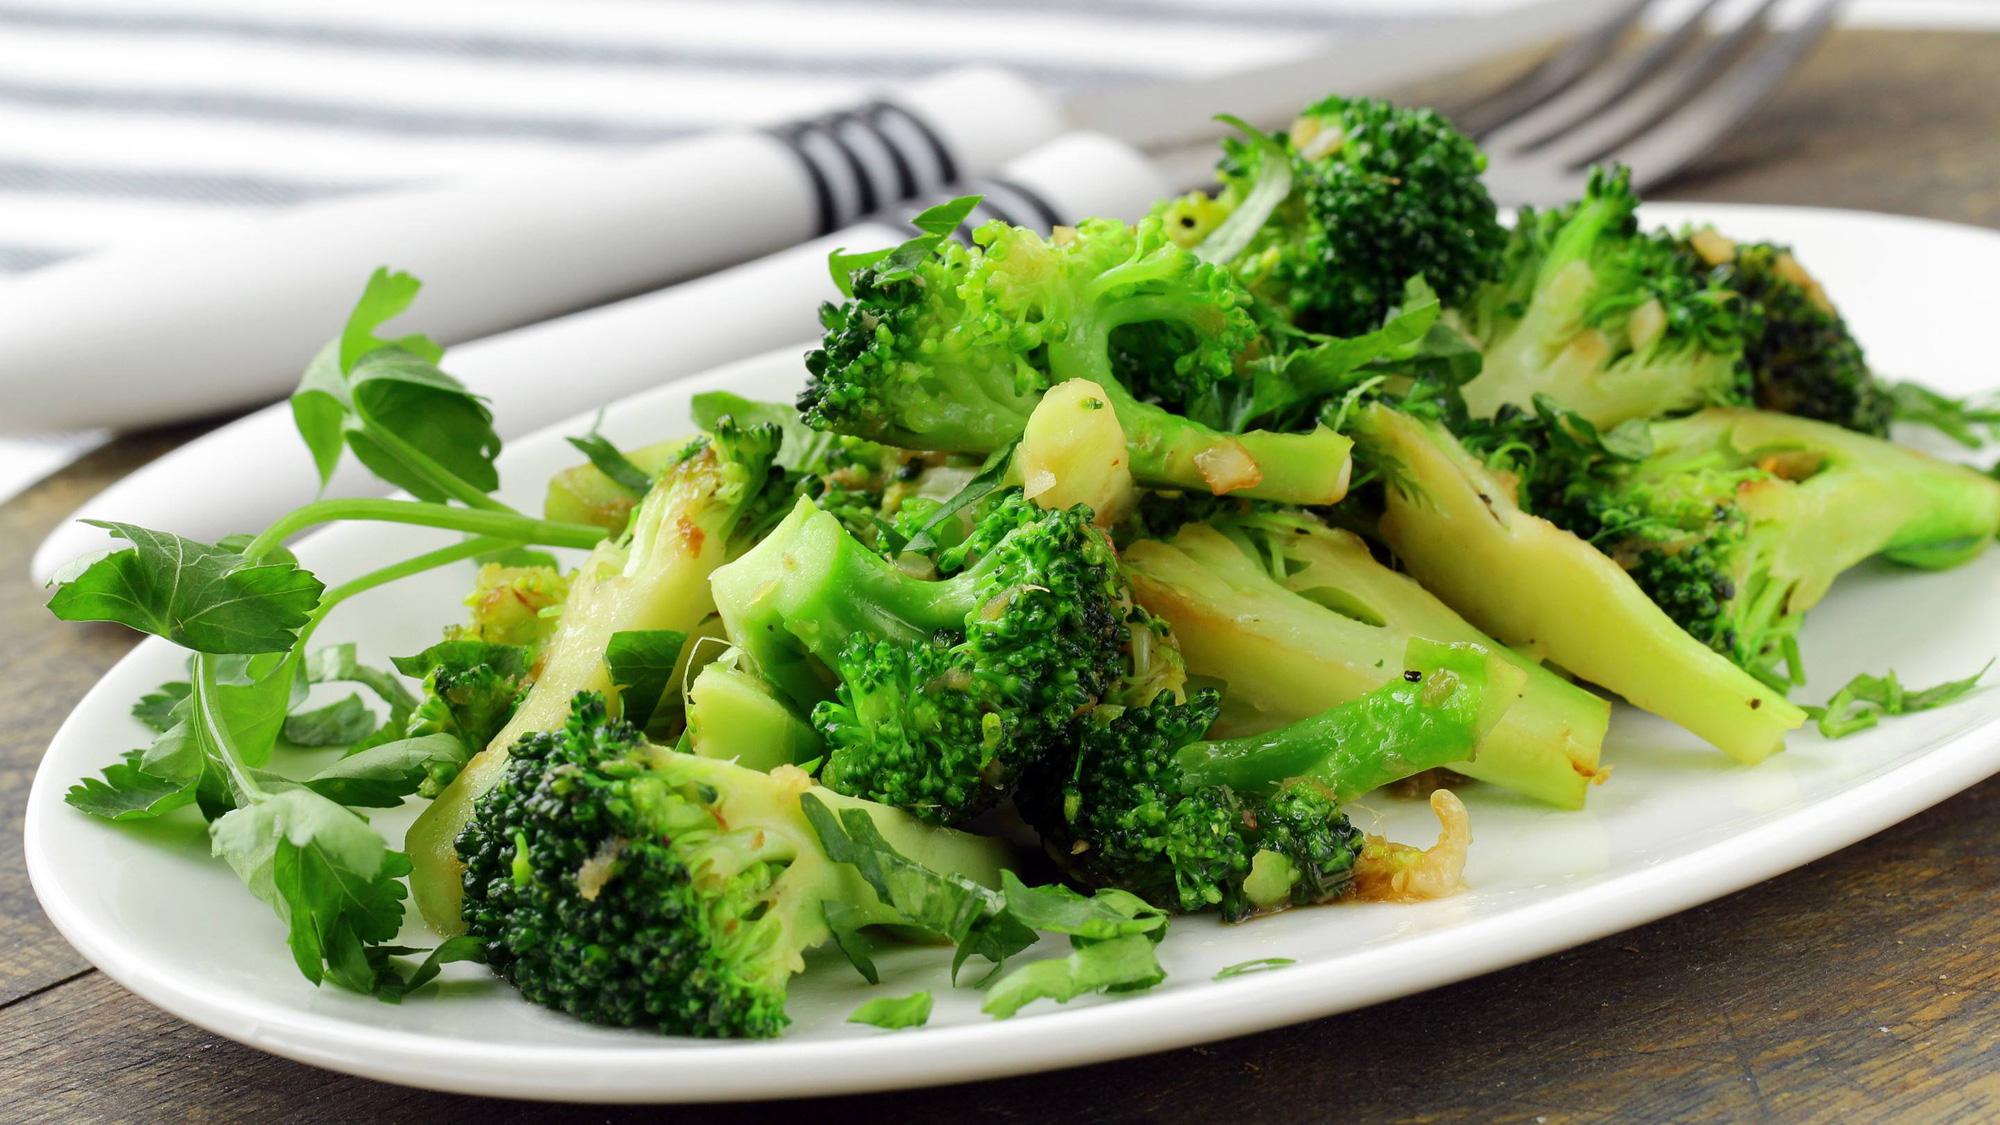 Gợi ý mâm cơm mùa dịch đầy dinh dưỡng, giúp bồi bổ cơ thể hiệu quả - Ảnh 3.